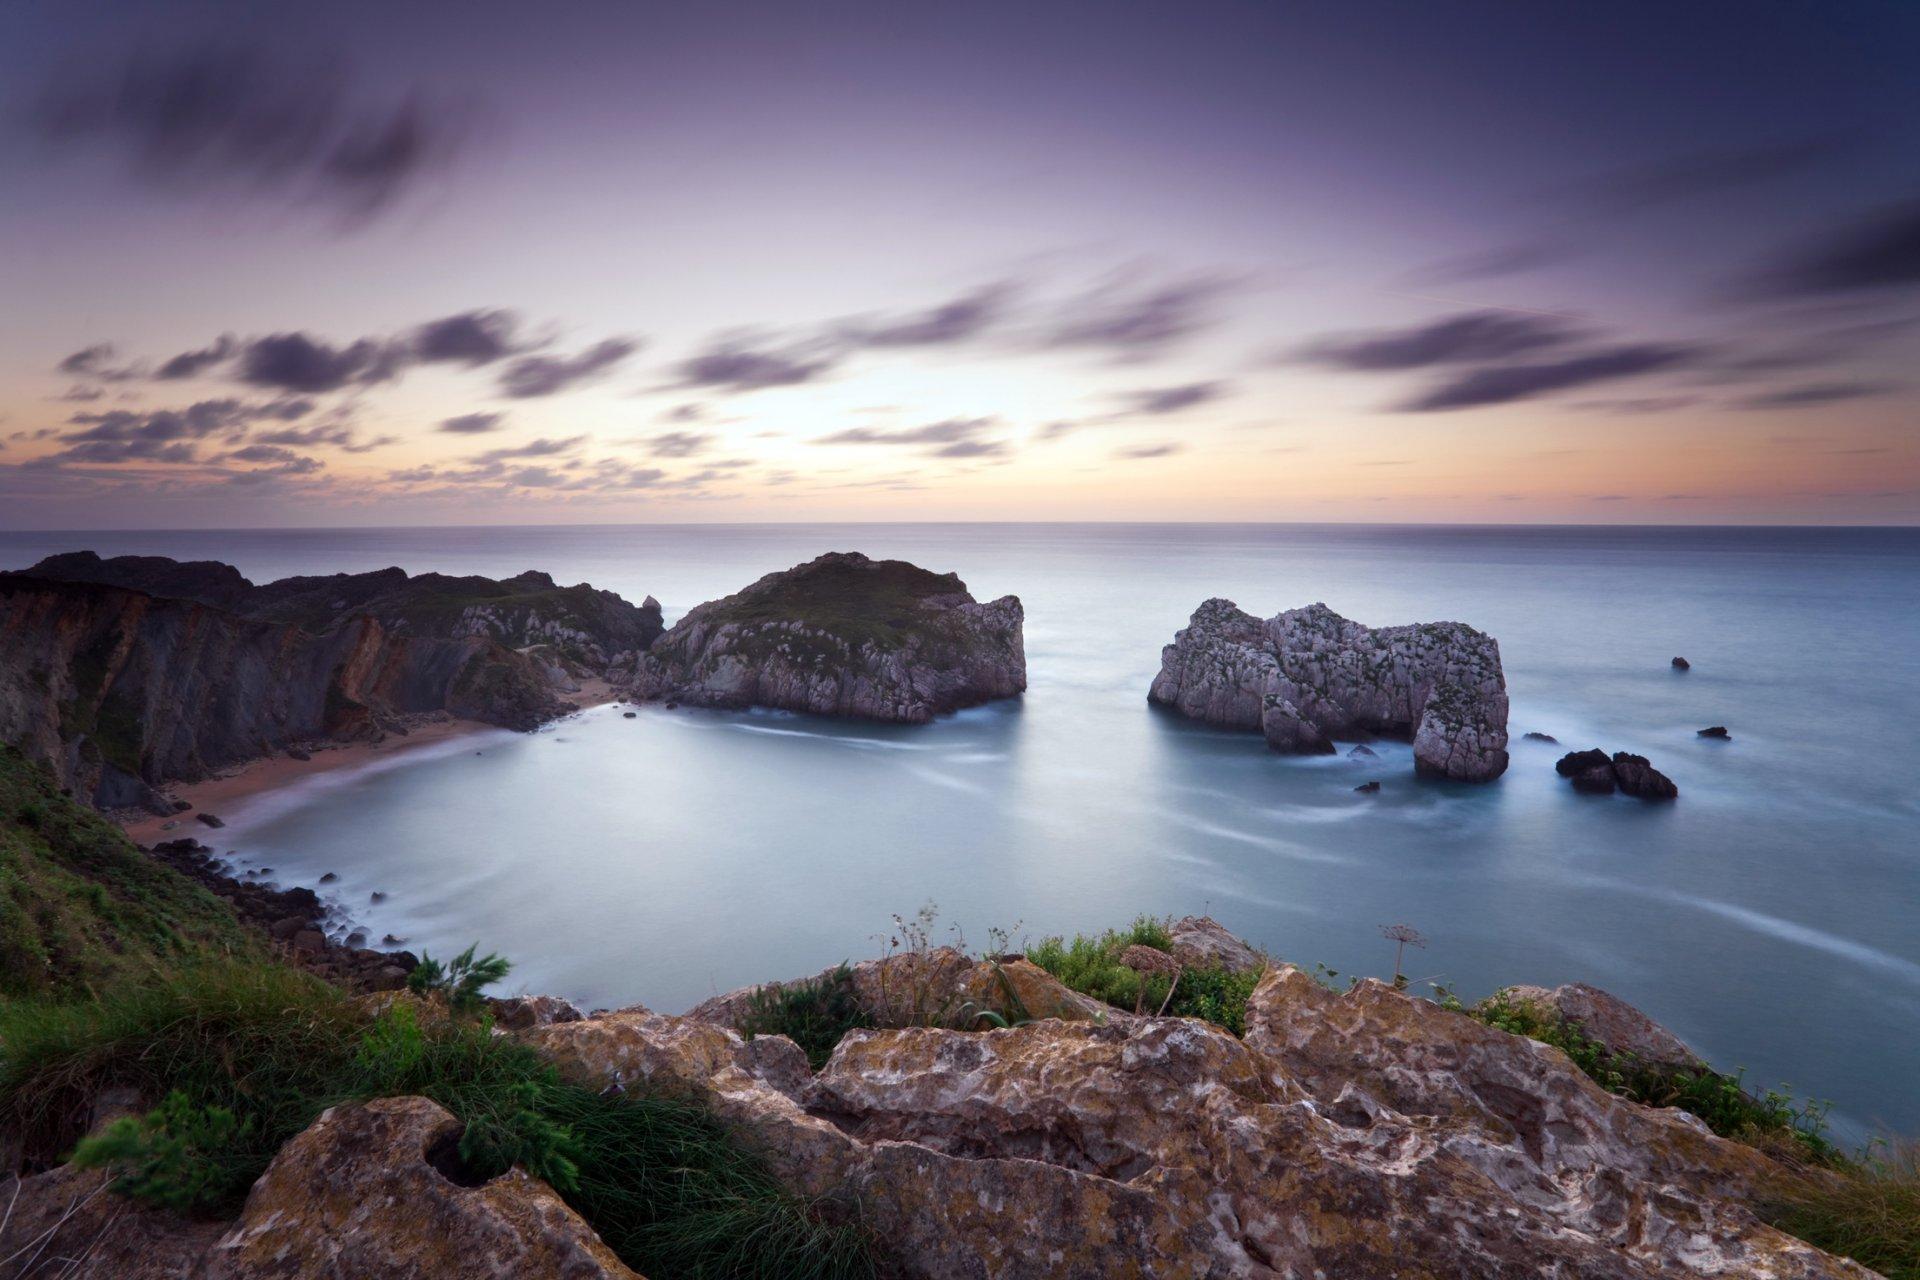 ловушки фото пейзажи морские бухты такие высокие, что